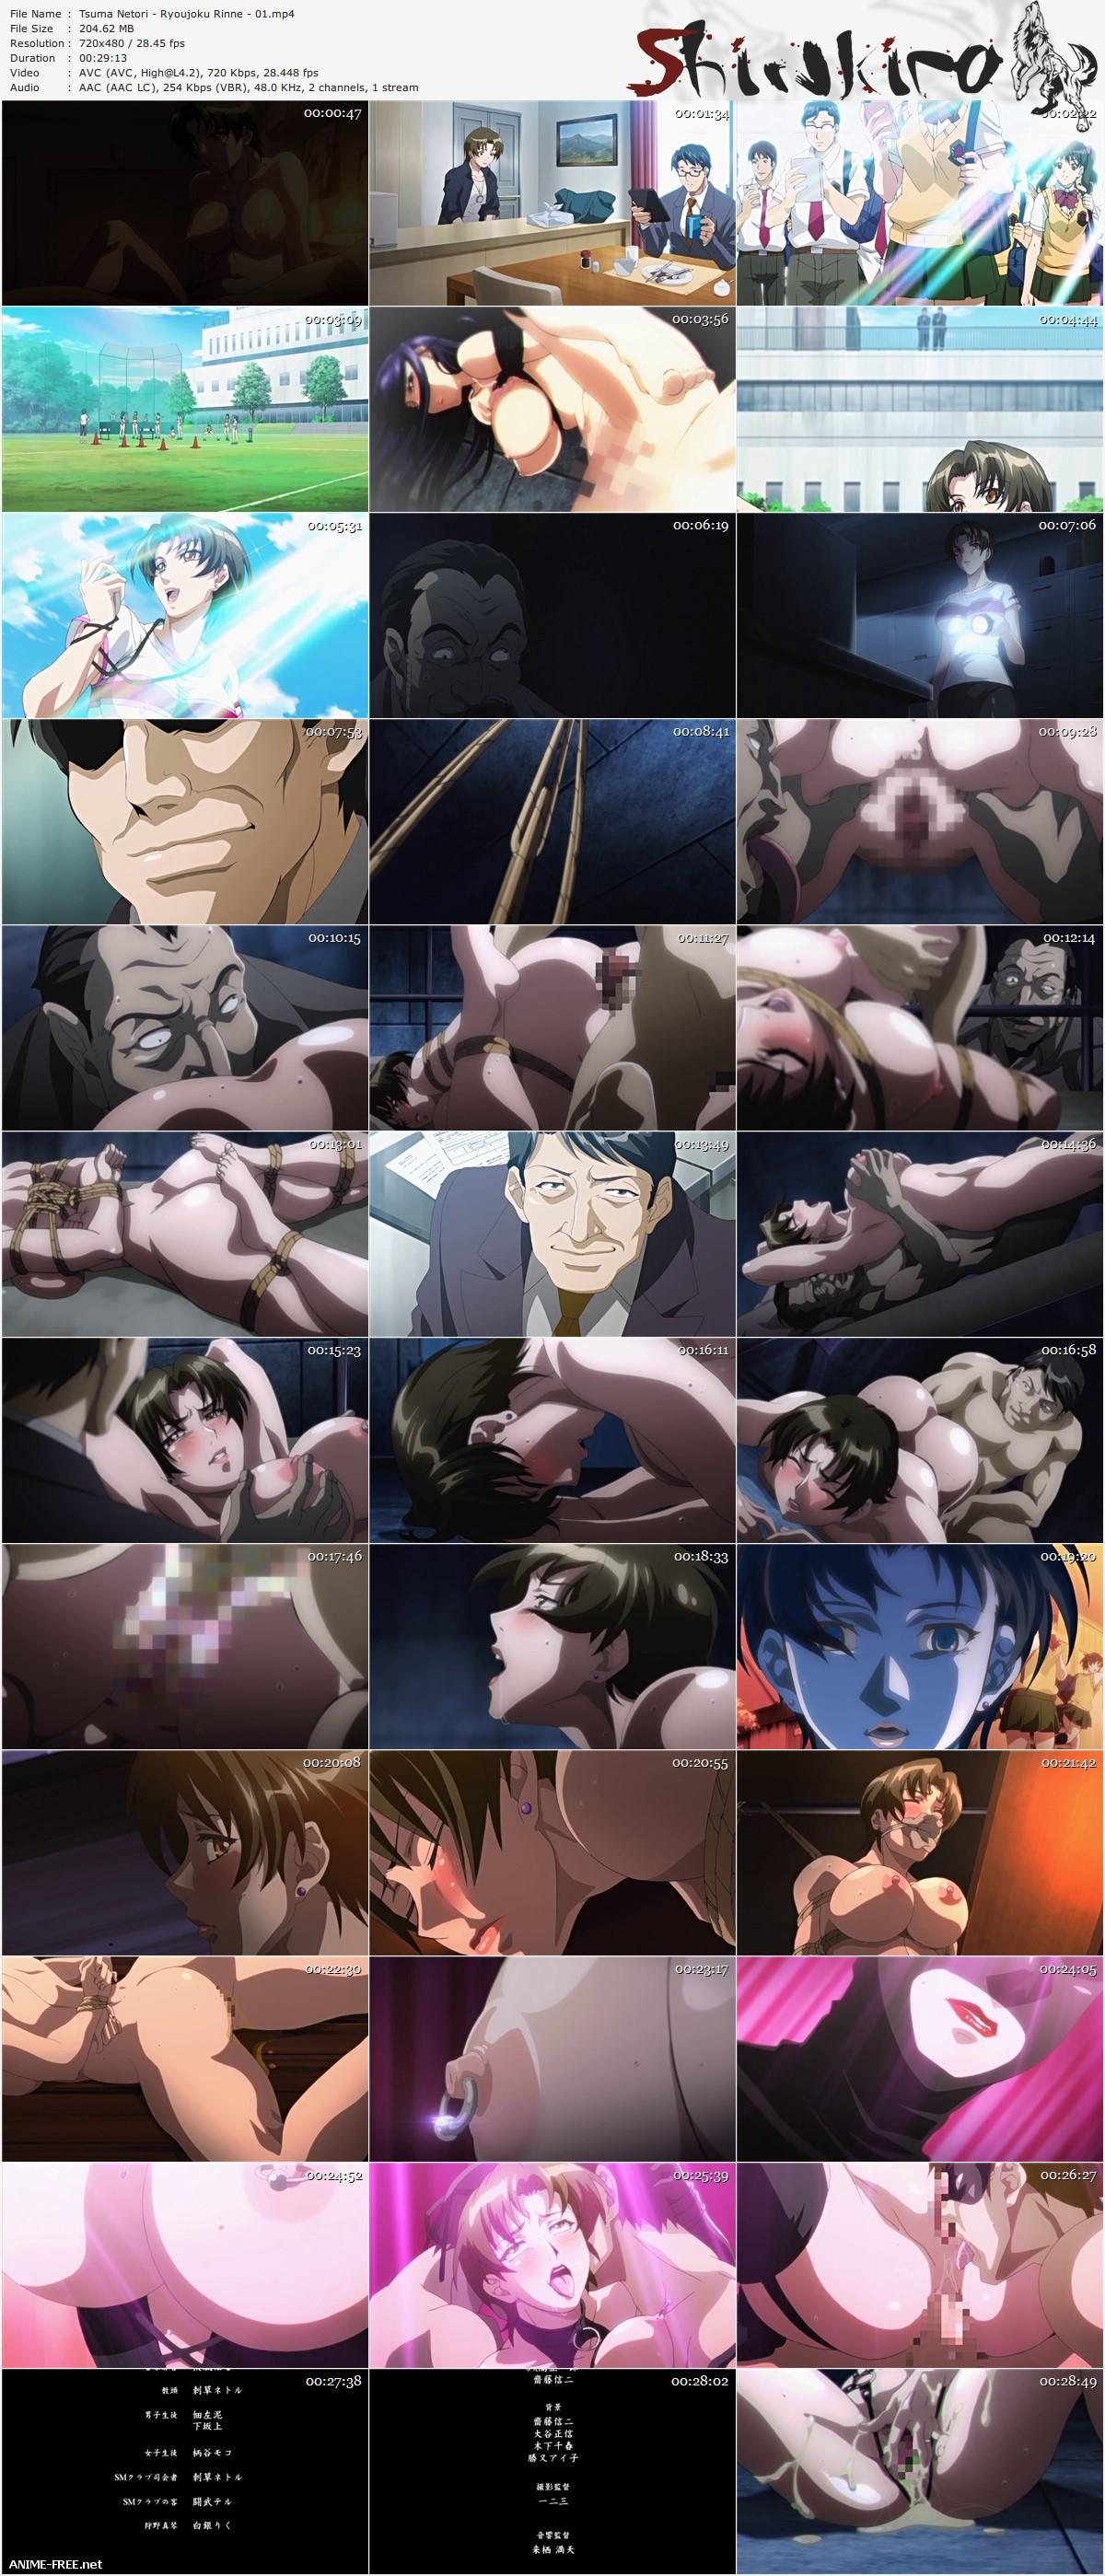 Tsuma Netori: Ryoujoku Rinne / Zoku Tsuma Netori: Ikumi to Shizuka [Ep.1-2] [JAP,ENG,RUS] Anime Hentai